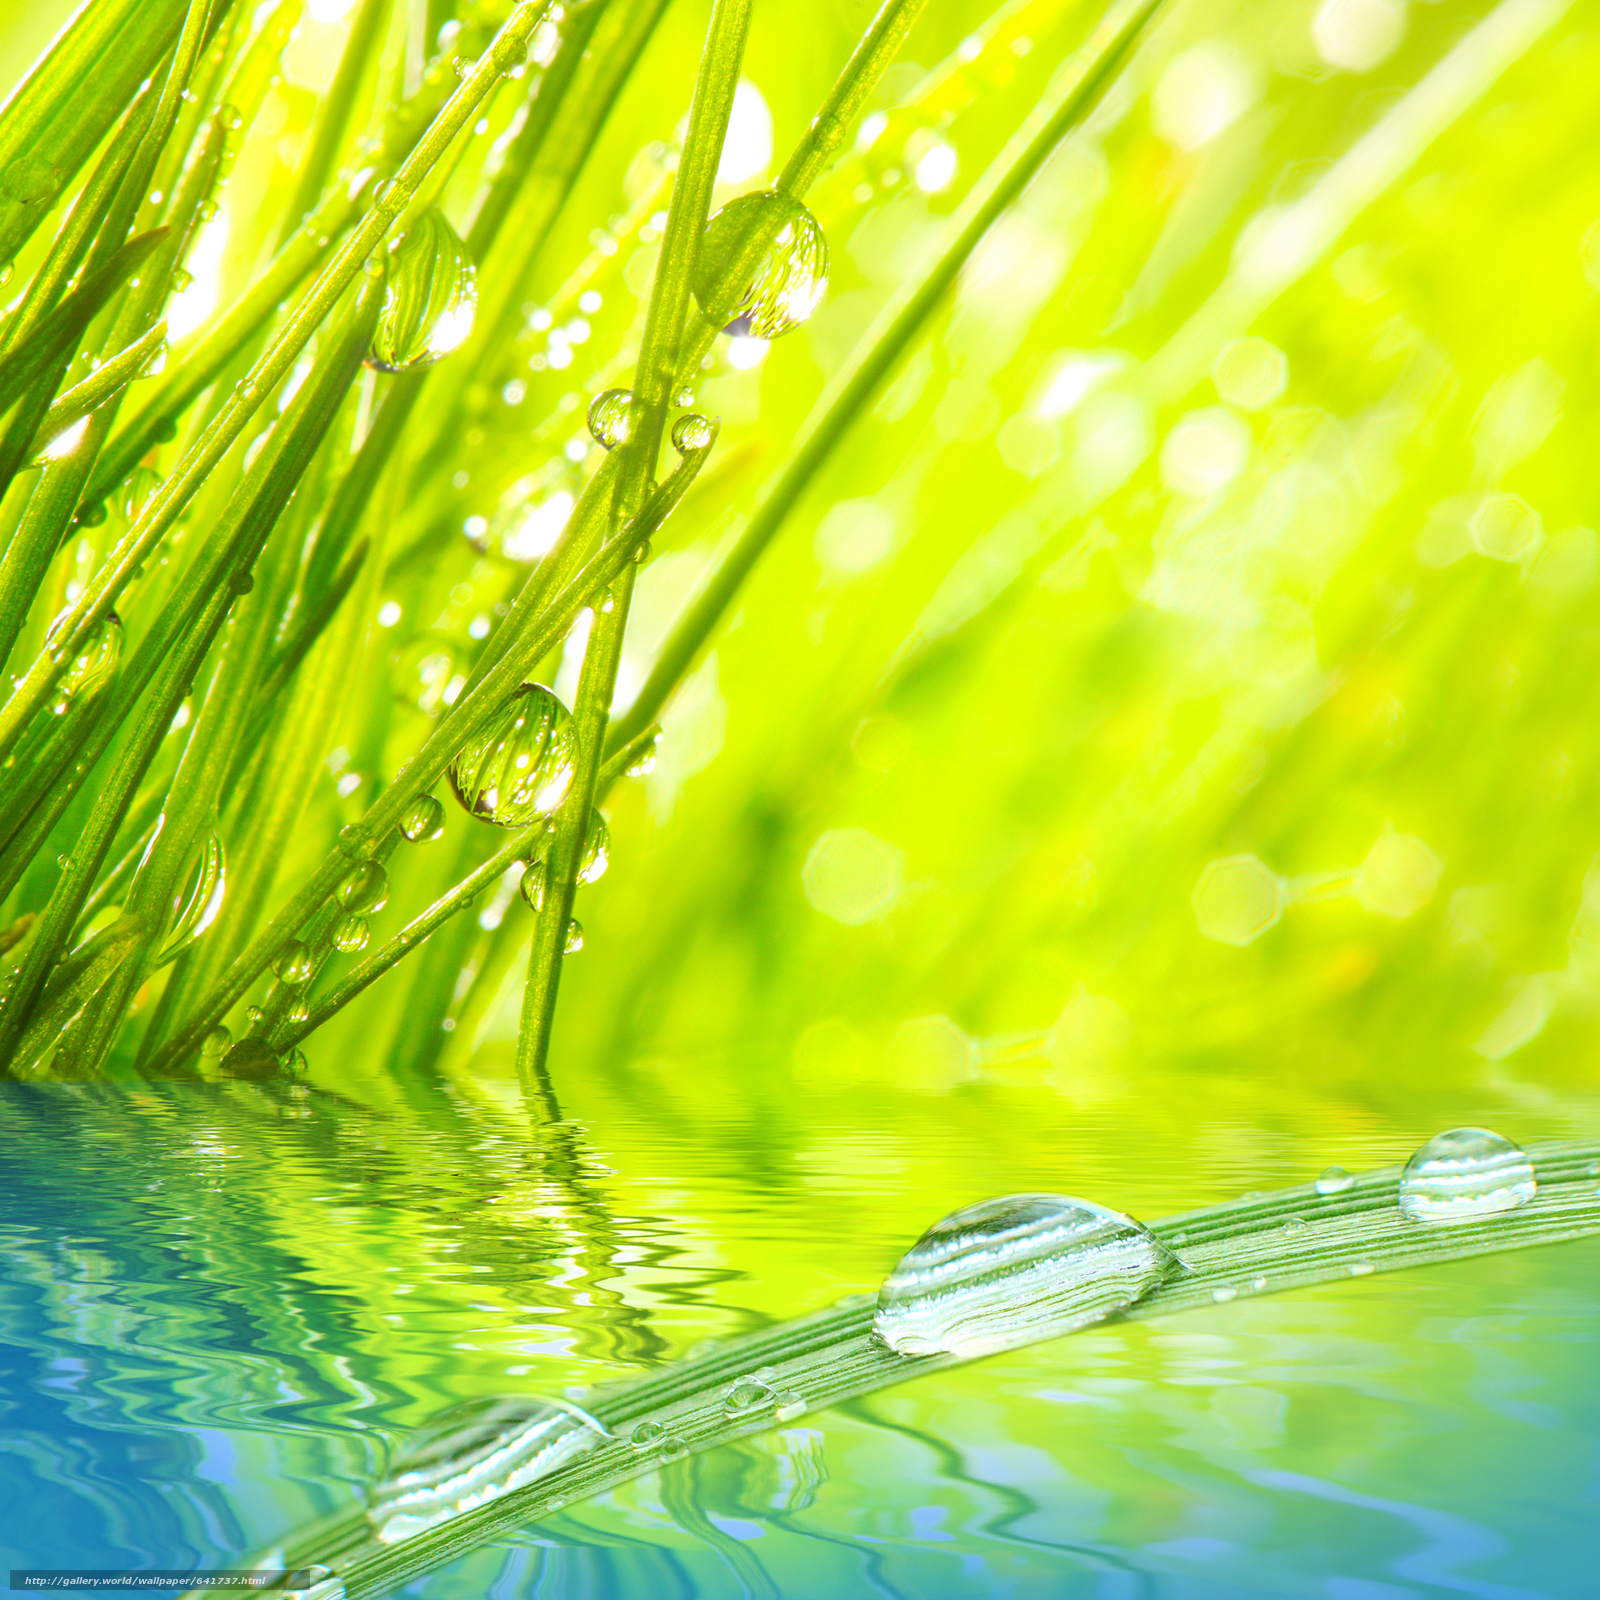 scaricare gli sfondi Macro,  natura,  gocce,  rugiada Sfondi gratis per la risoluzione del desktop 4120x4120 — immagine №641737